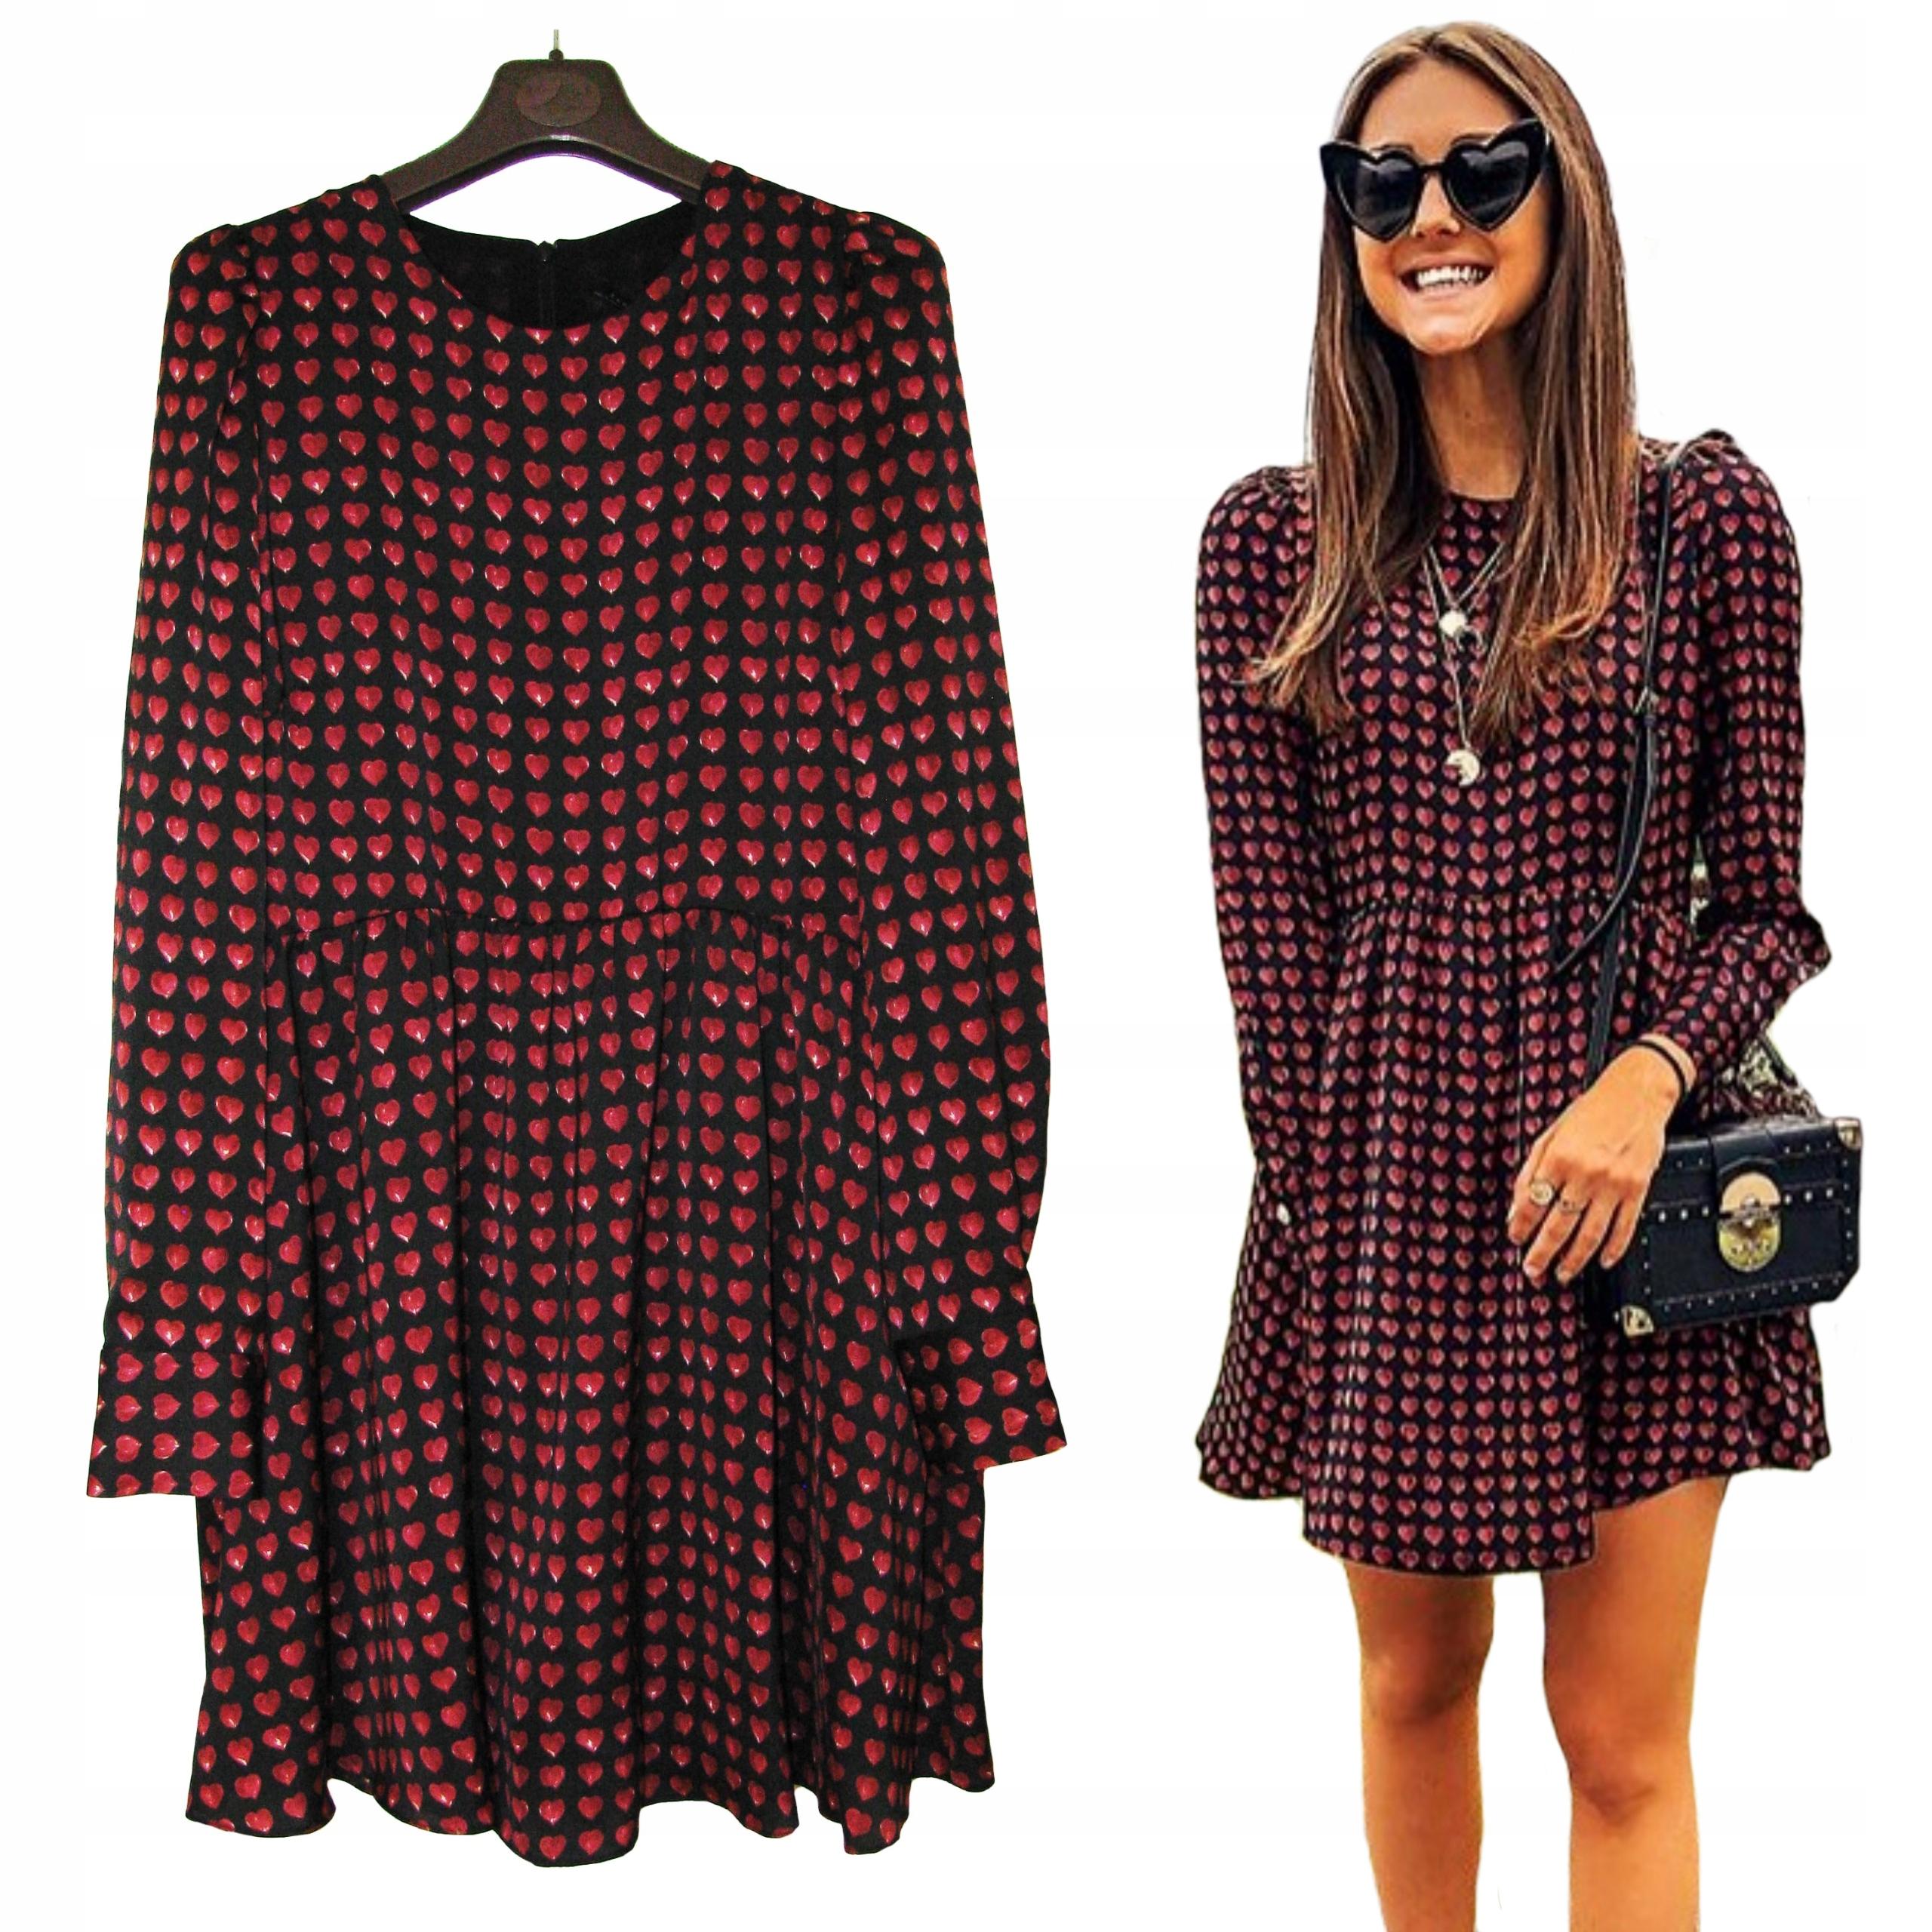 b22b8bde16 ZARA Czarna Sukienka Kombinezon Czerwone Serca S - 7800350443 ...